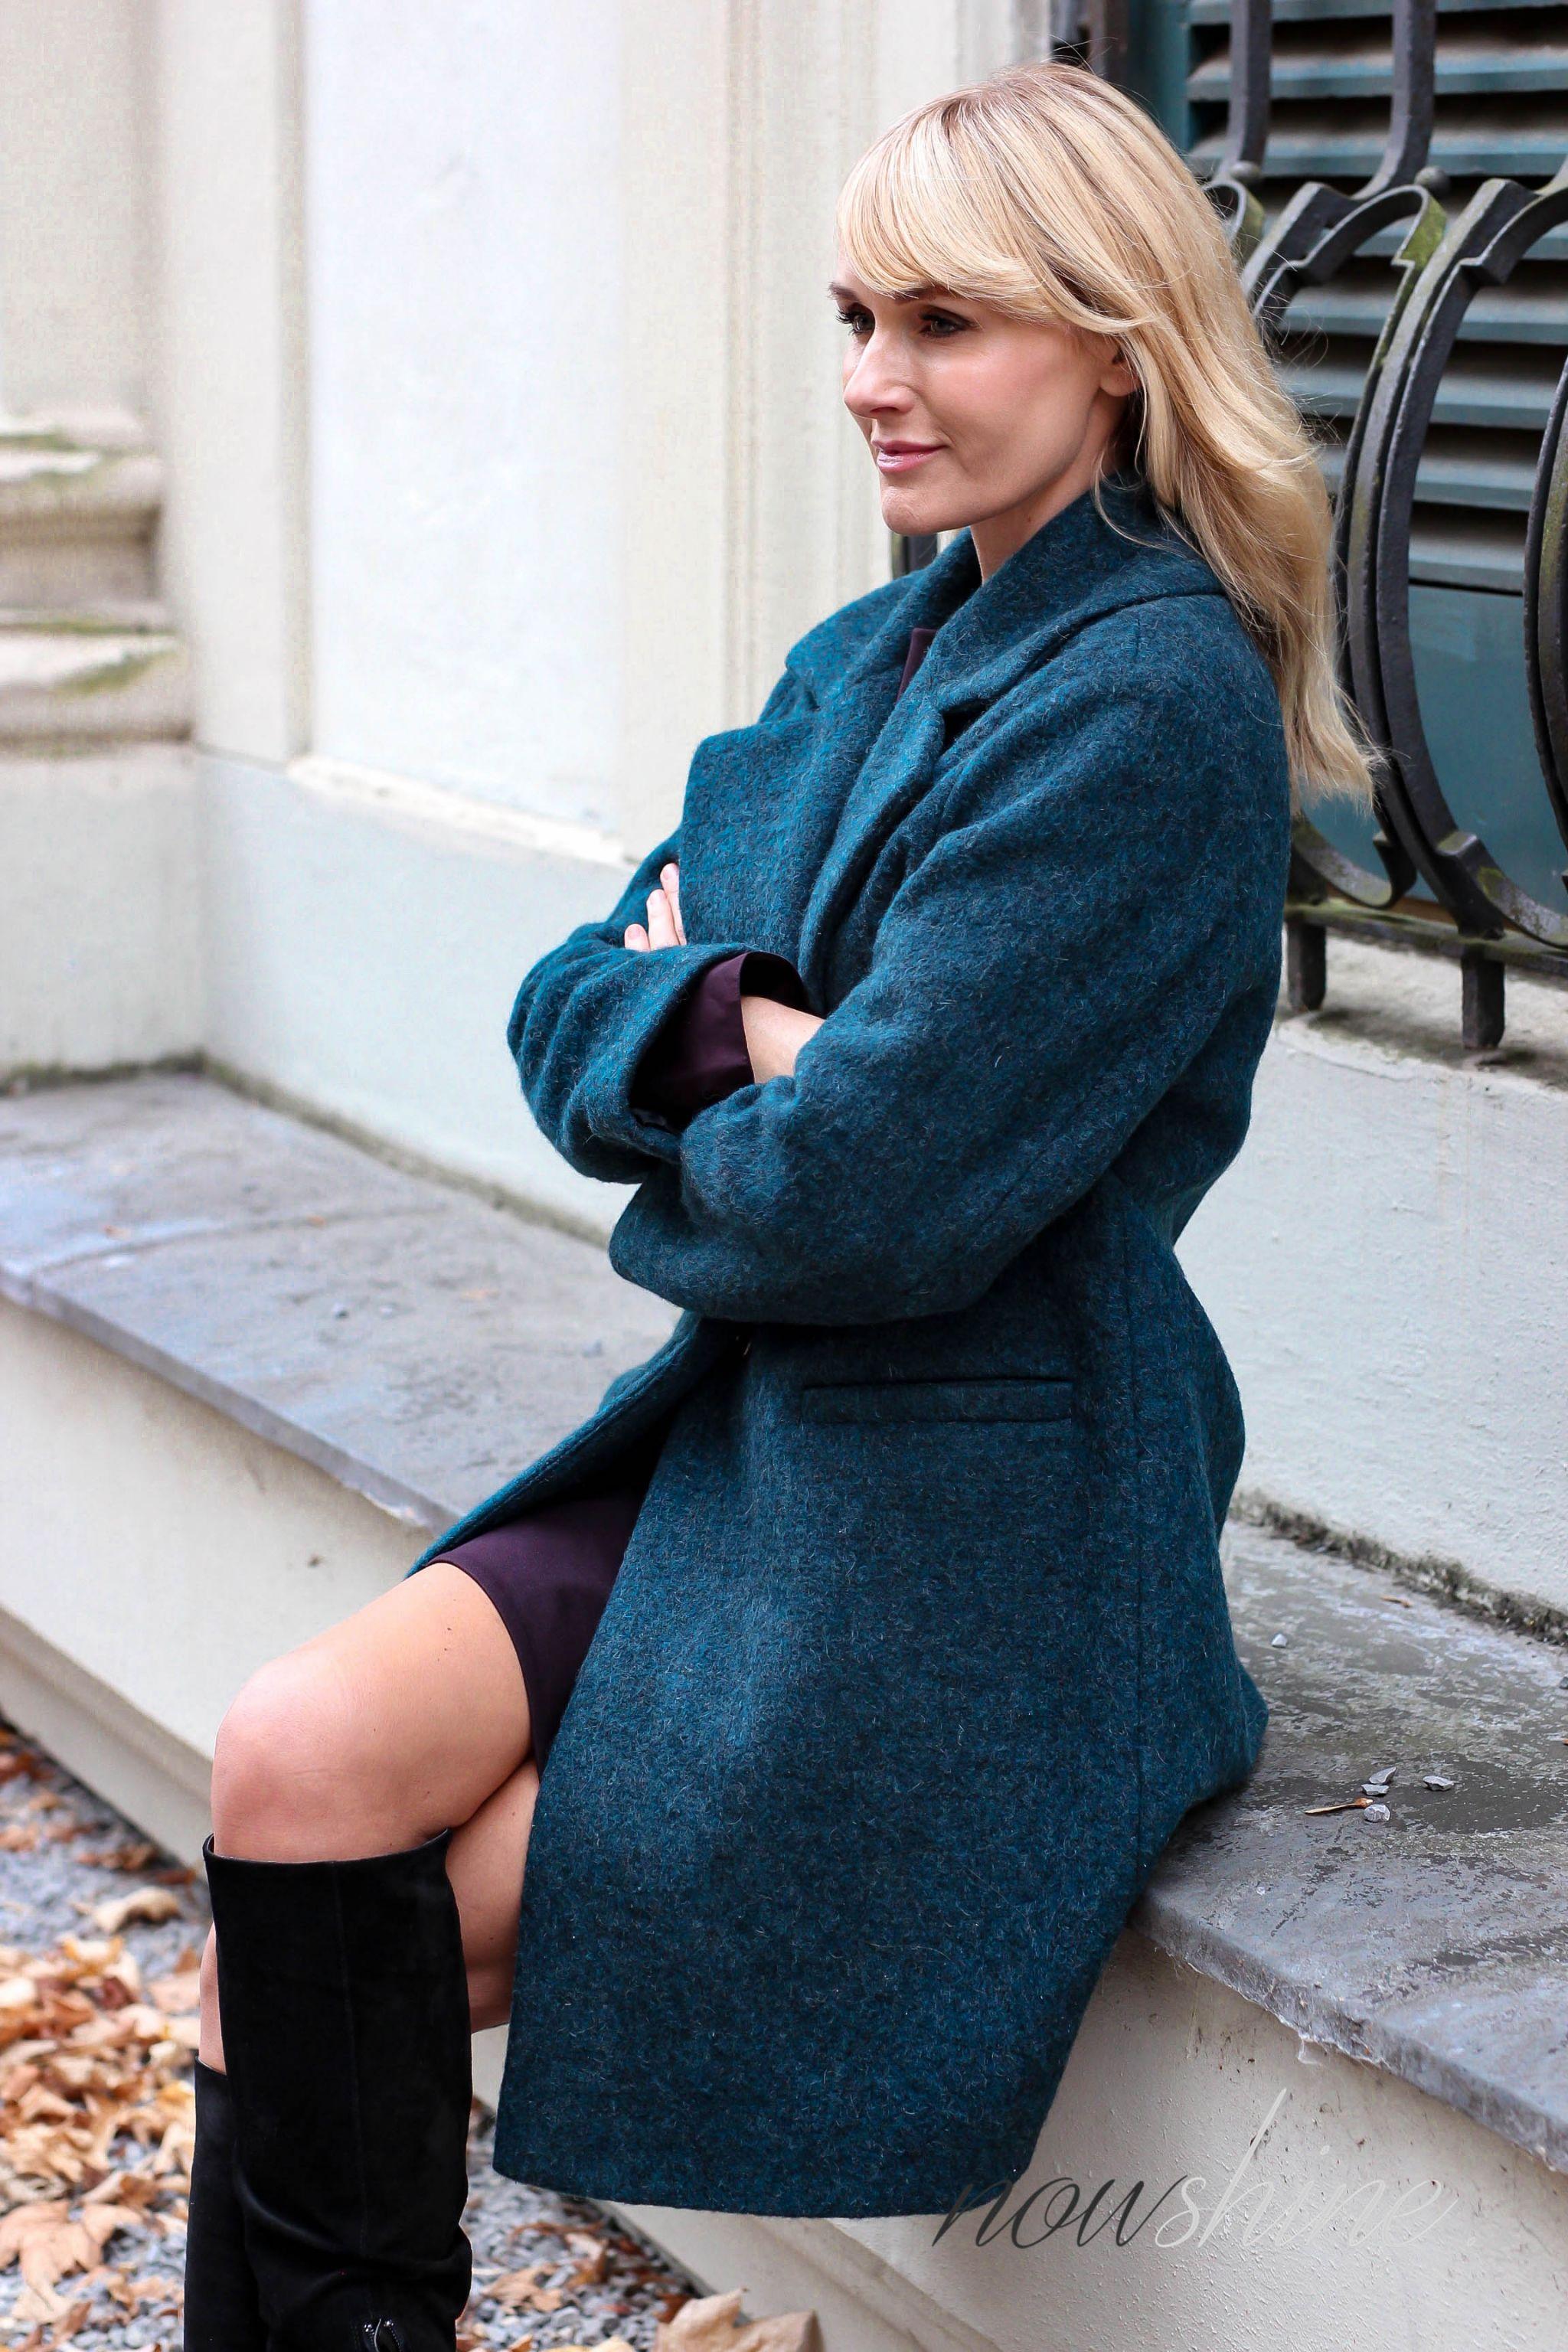 Blazermantel im Oversized-Look von Bonita - Capsule Wardrobe Mantel Beispiel